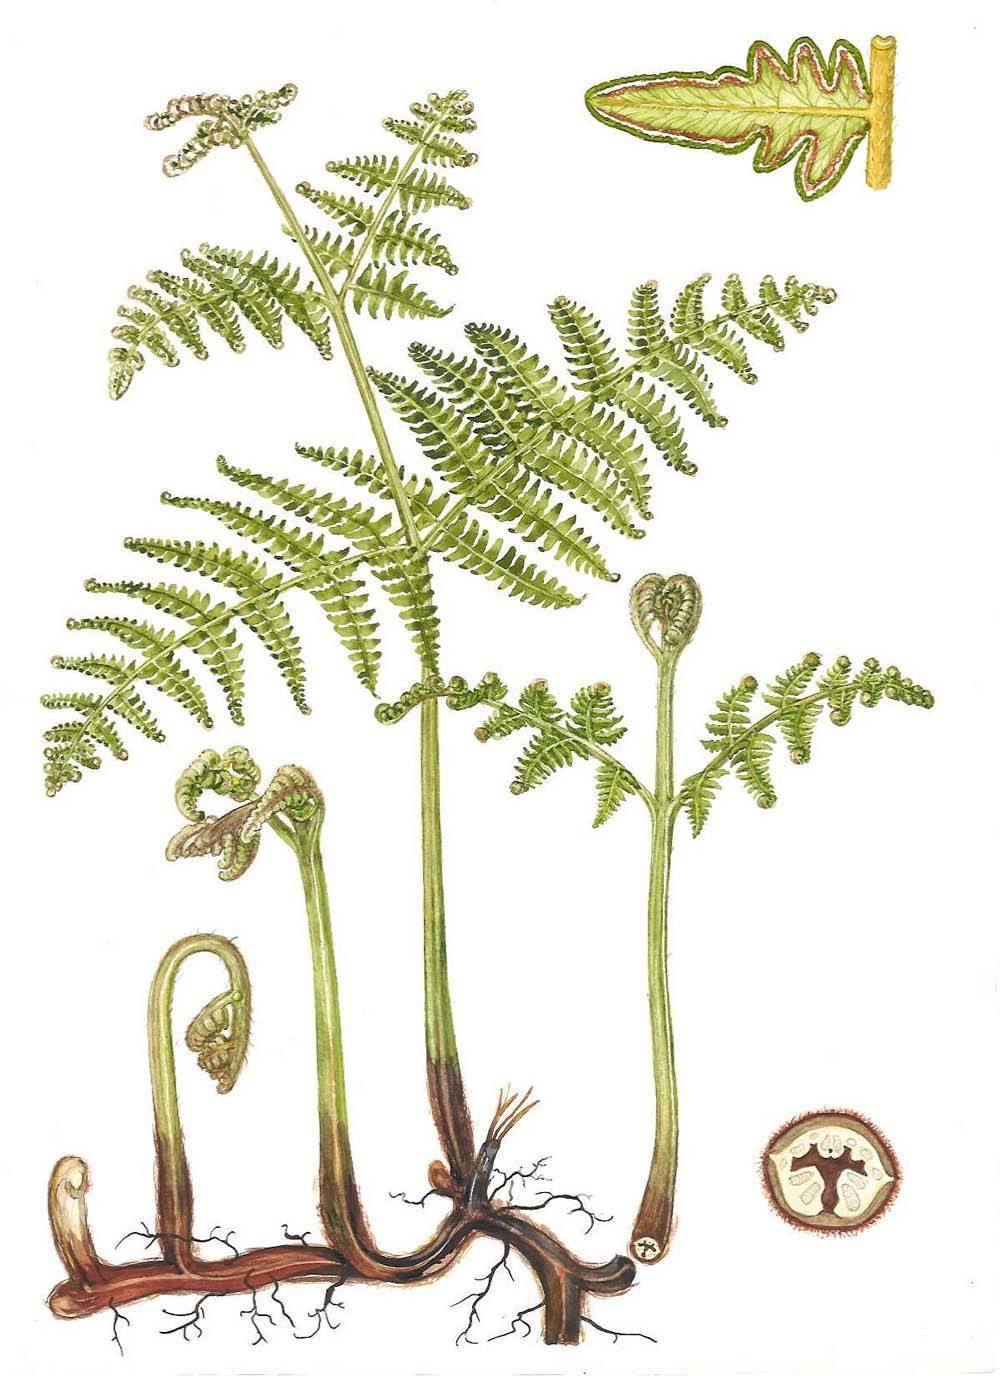 Папоротникообразные растения: характеристика группы, биологическое значение